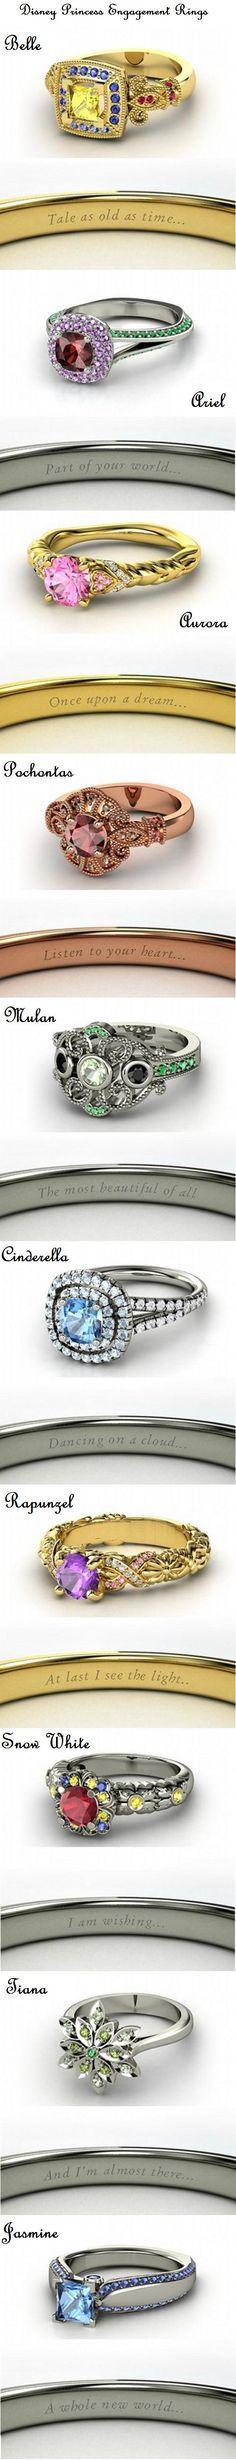 Disney Princess Engagement Rings <3